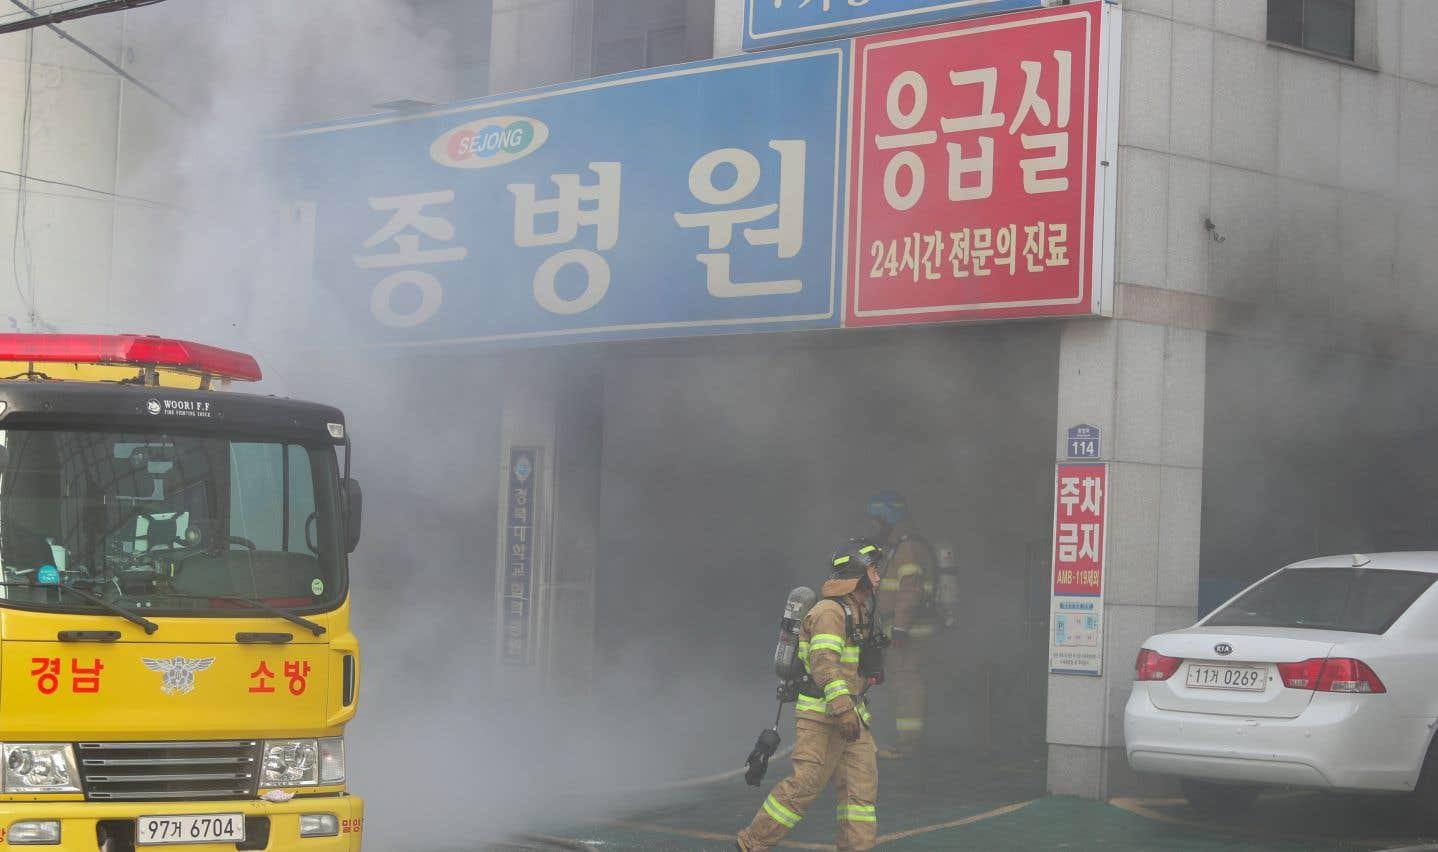 Tous les patients ont été évacués de l'hôpital et de la nurserie qui se trouvait dans le même bâtiment situé à Miryang.